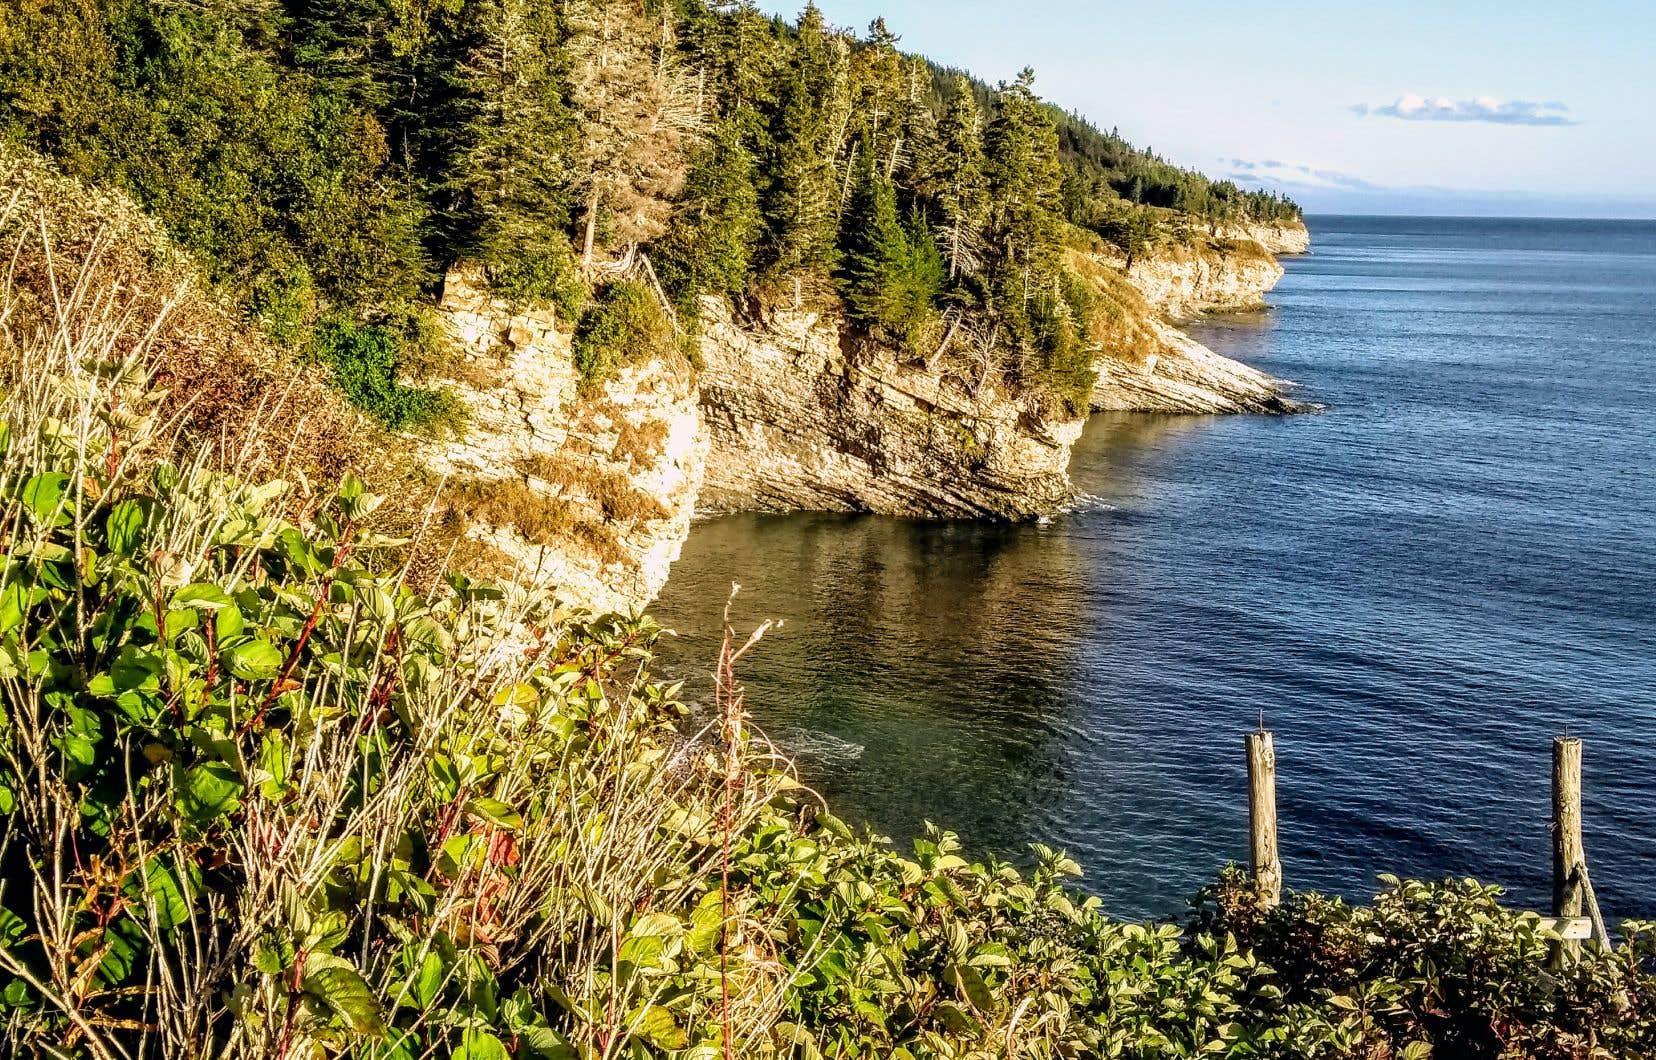 Le sentier des Graves vous mène dans un milieu vallonné le long de la baie, d'où peuvent être aperçus rorquals, phoques et cormorans.